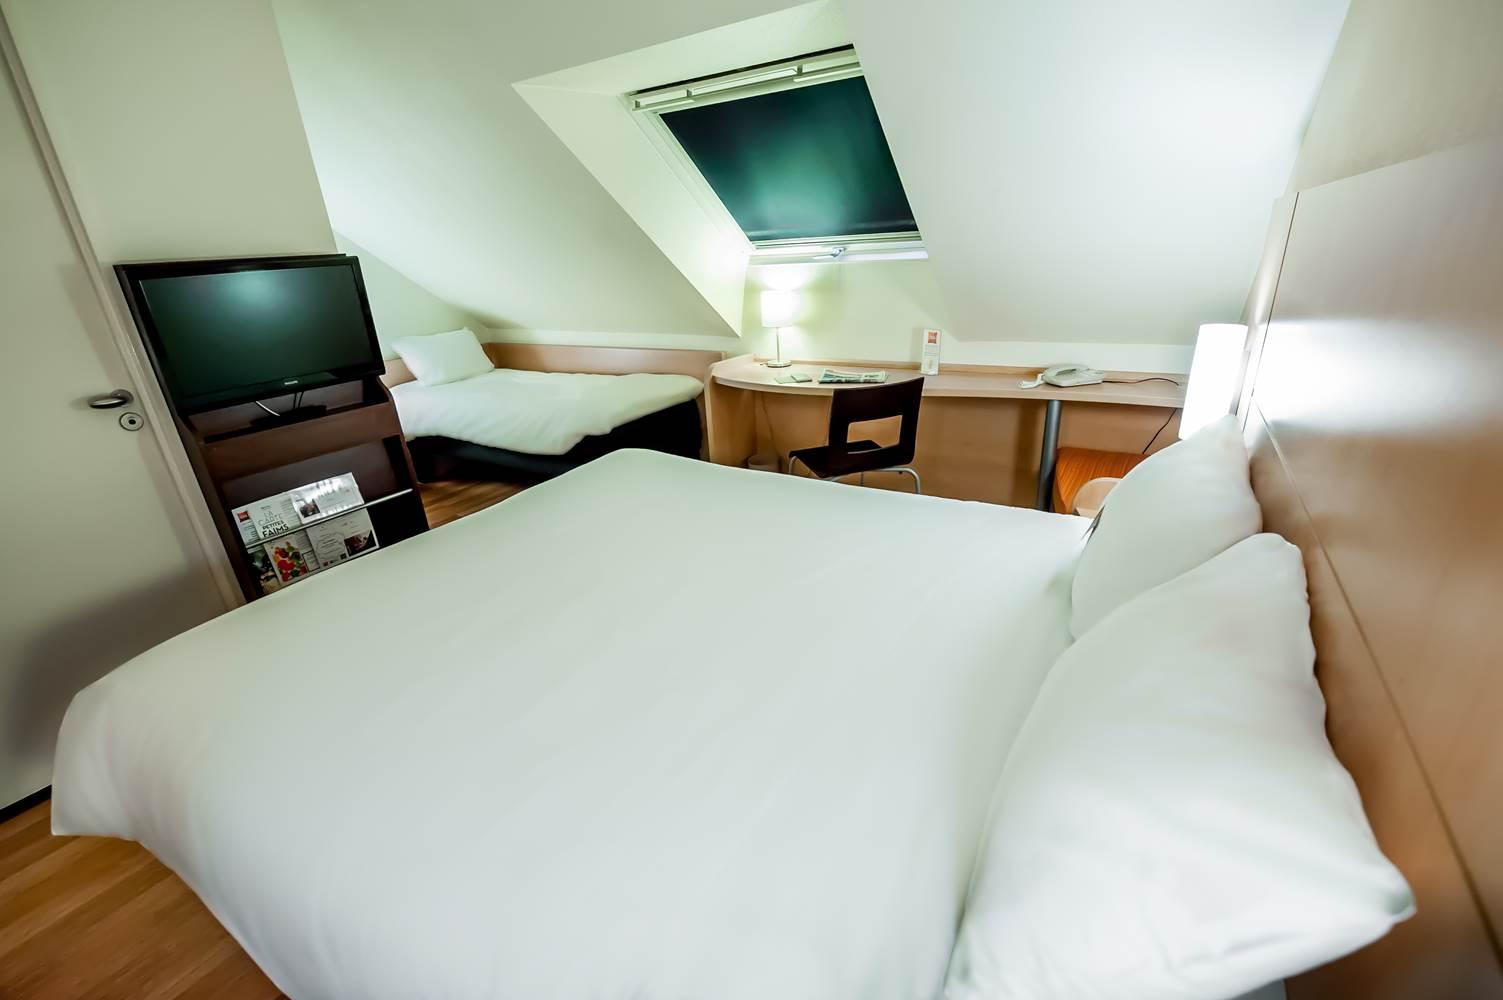 hôtel ibis vannes chambres triples ©